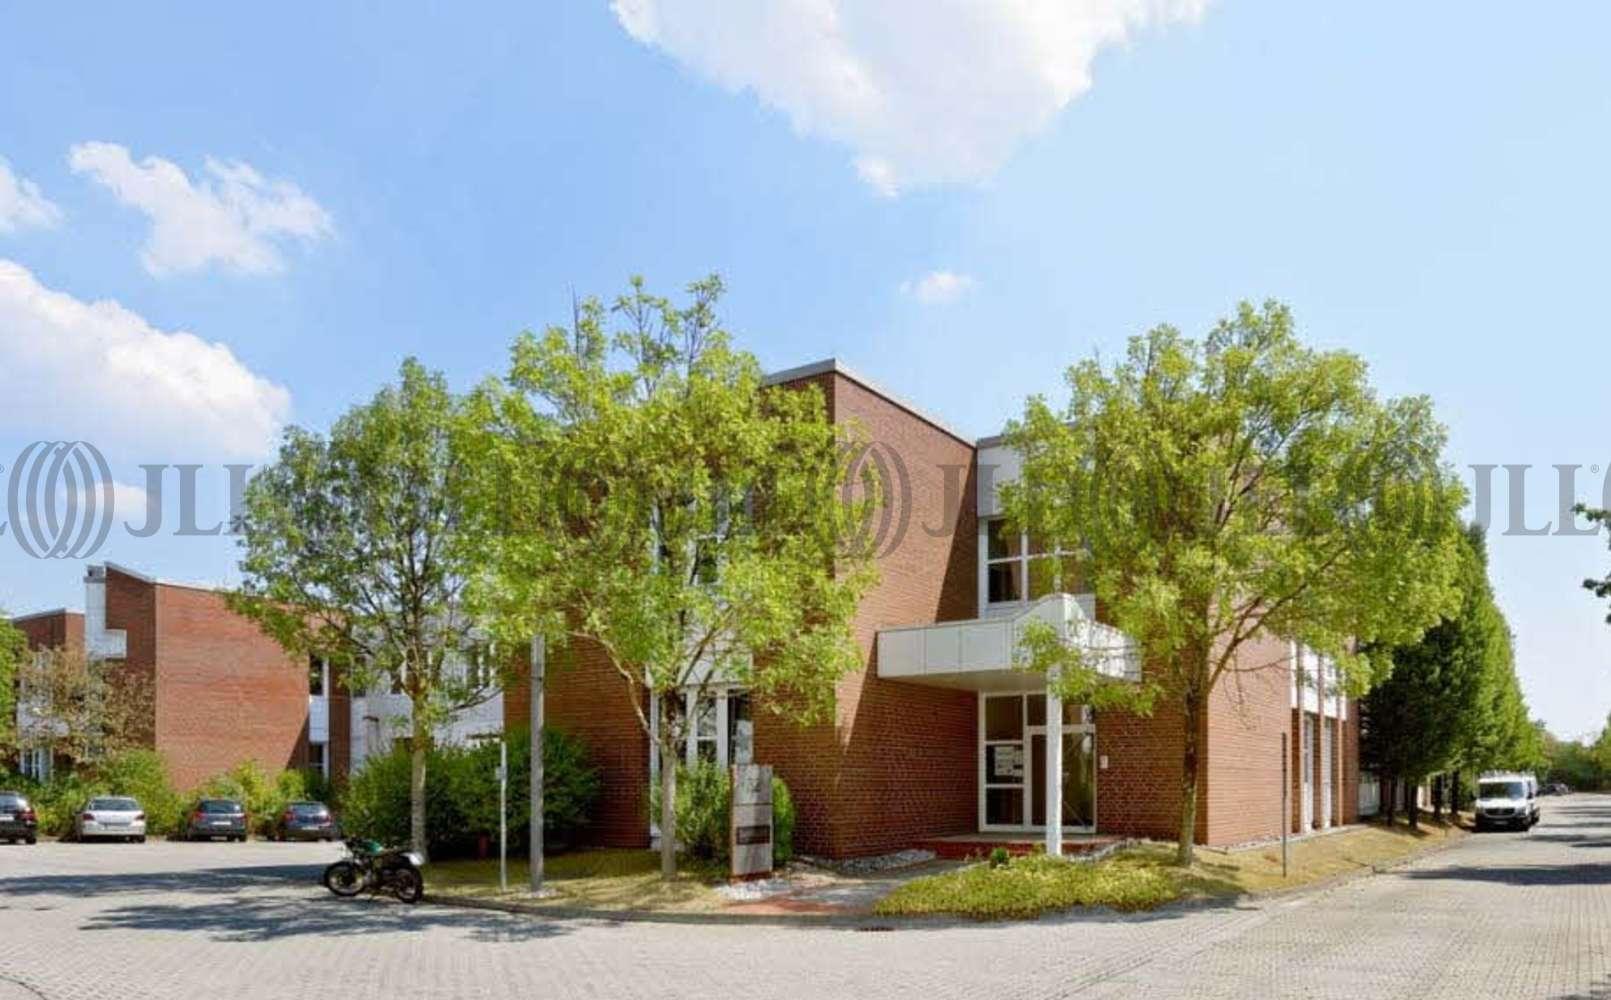 Hallen Kirchheim b. münchen, 85551 - Halle - Kirchheim b. München - M1572 - 10804474